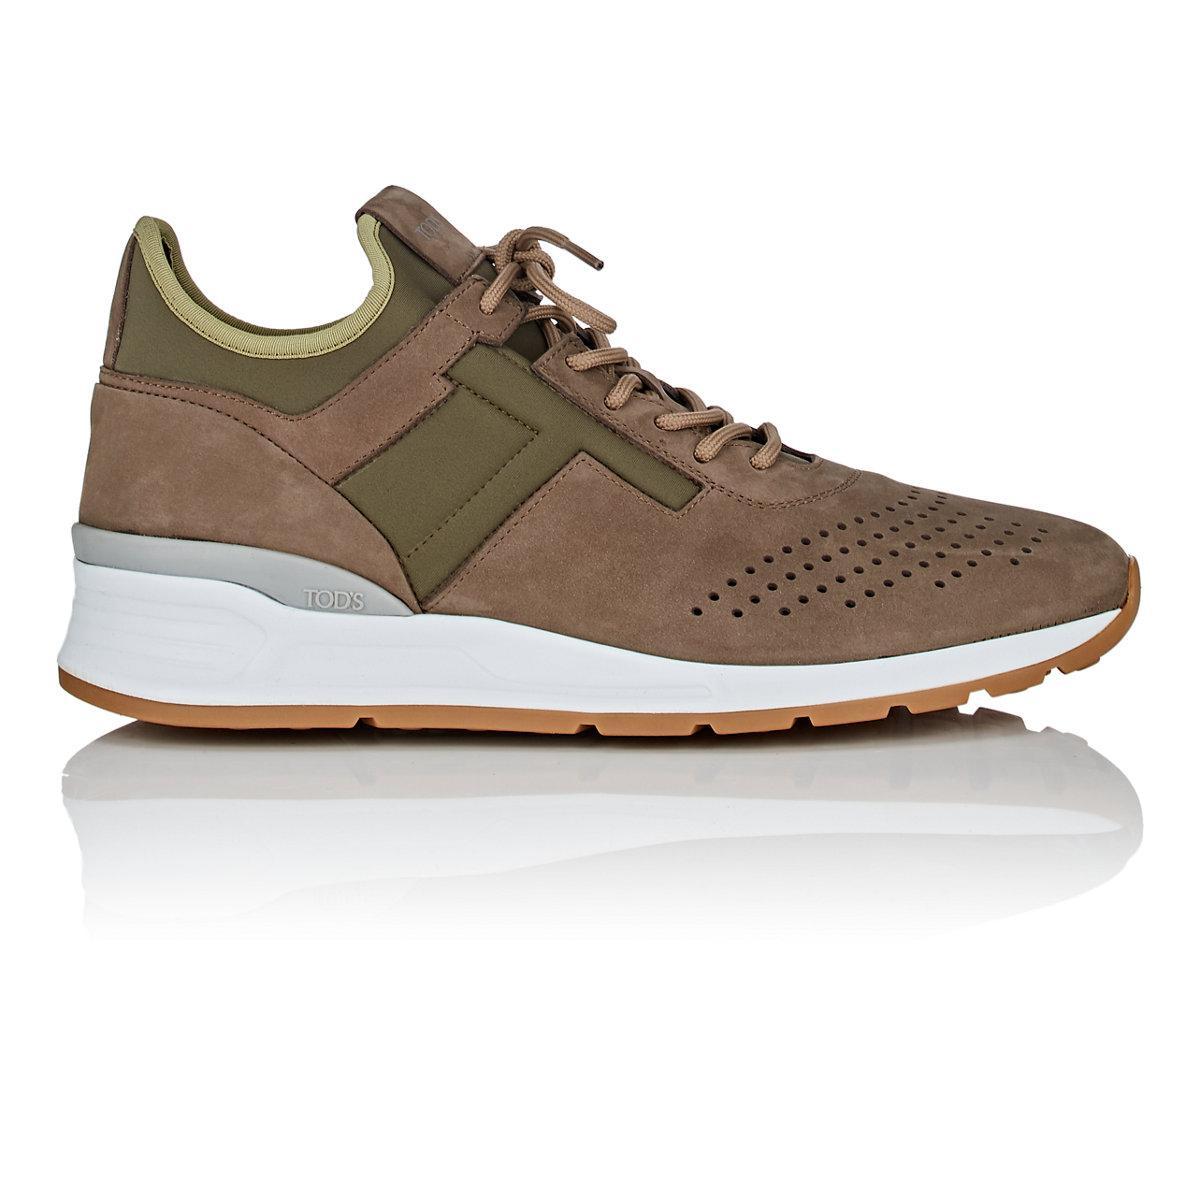 Mens Nubuck & Neoprene Sneakers Tod's QiXZFzZ